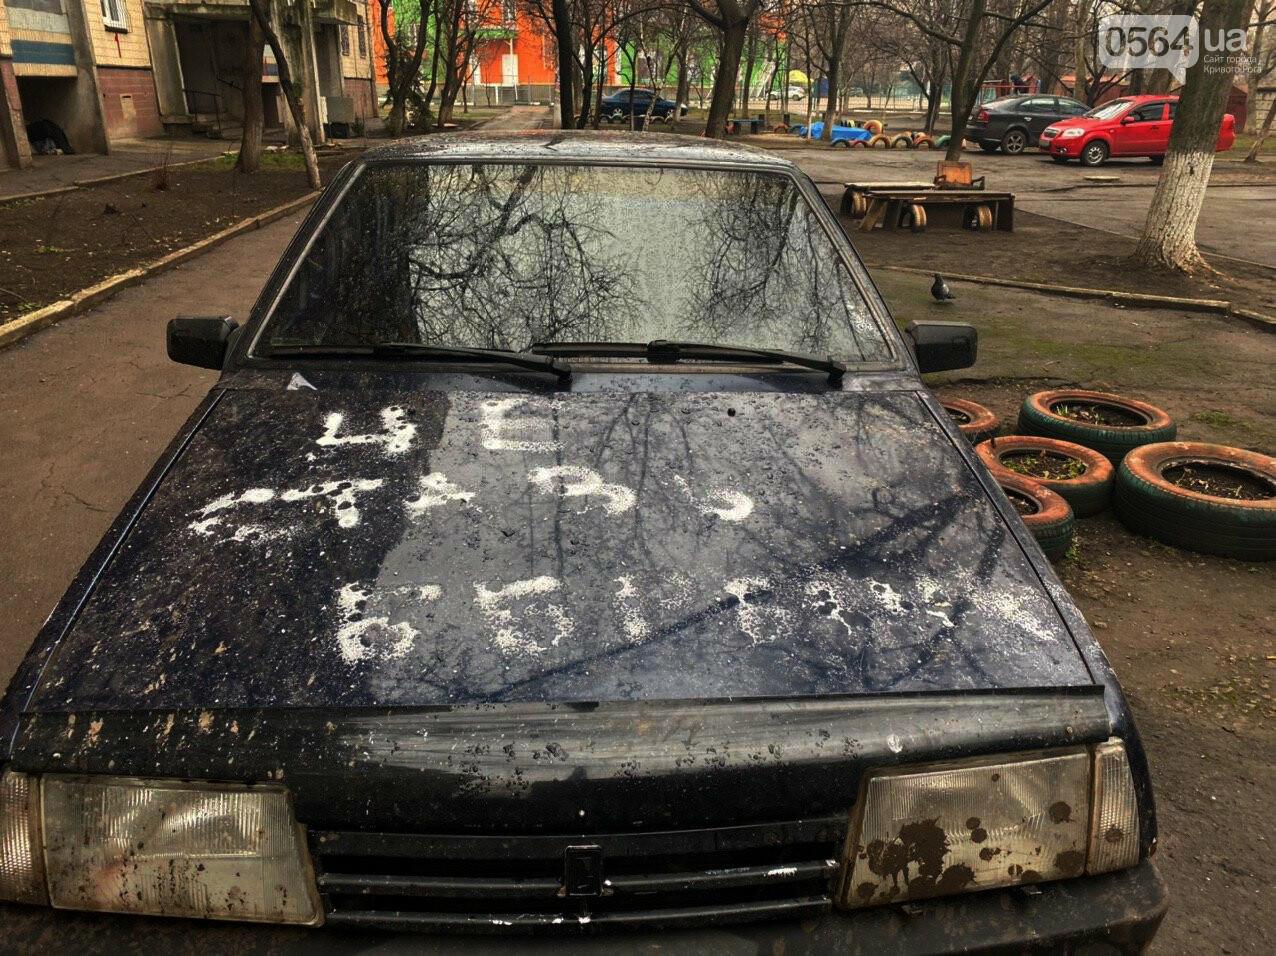 """""""За рулем бандит"""": в Кривом Роге ночью обрисовали припаркованный во дворе автомобиль, - ФОТО , фото-8"""